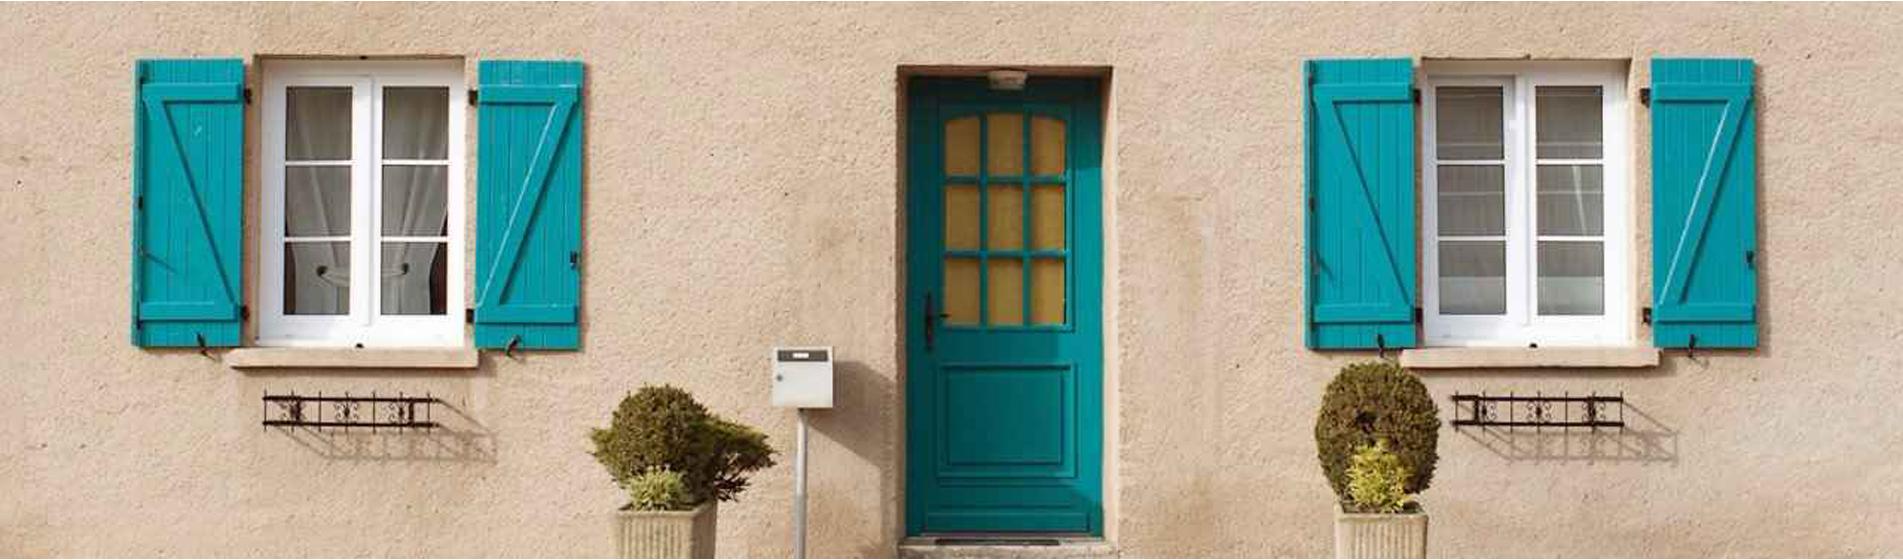 porte d'entree pvc 84 Vaucluse